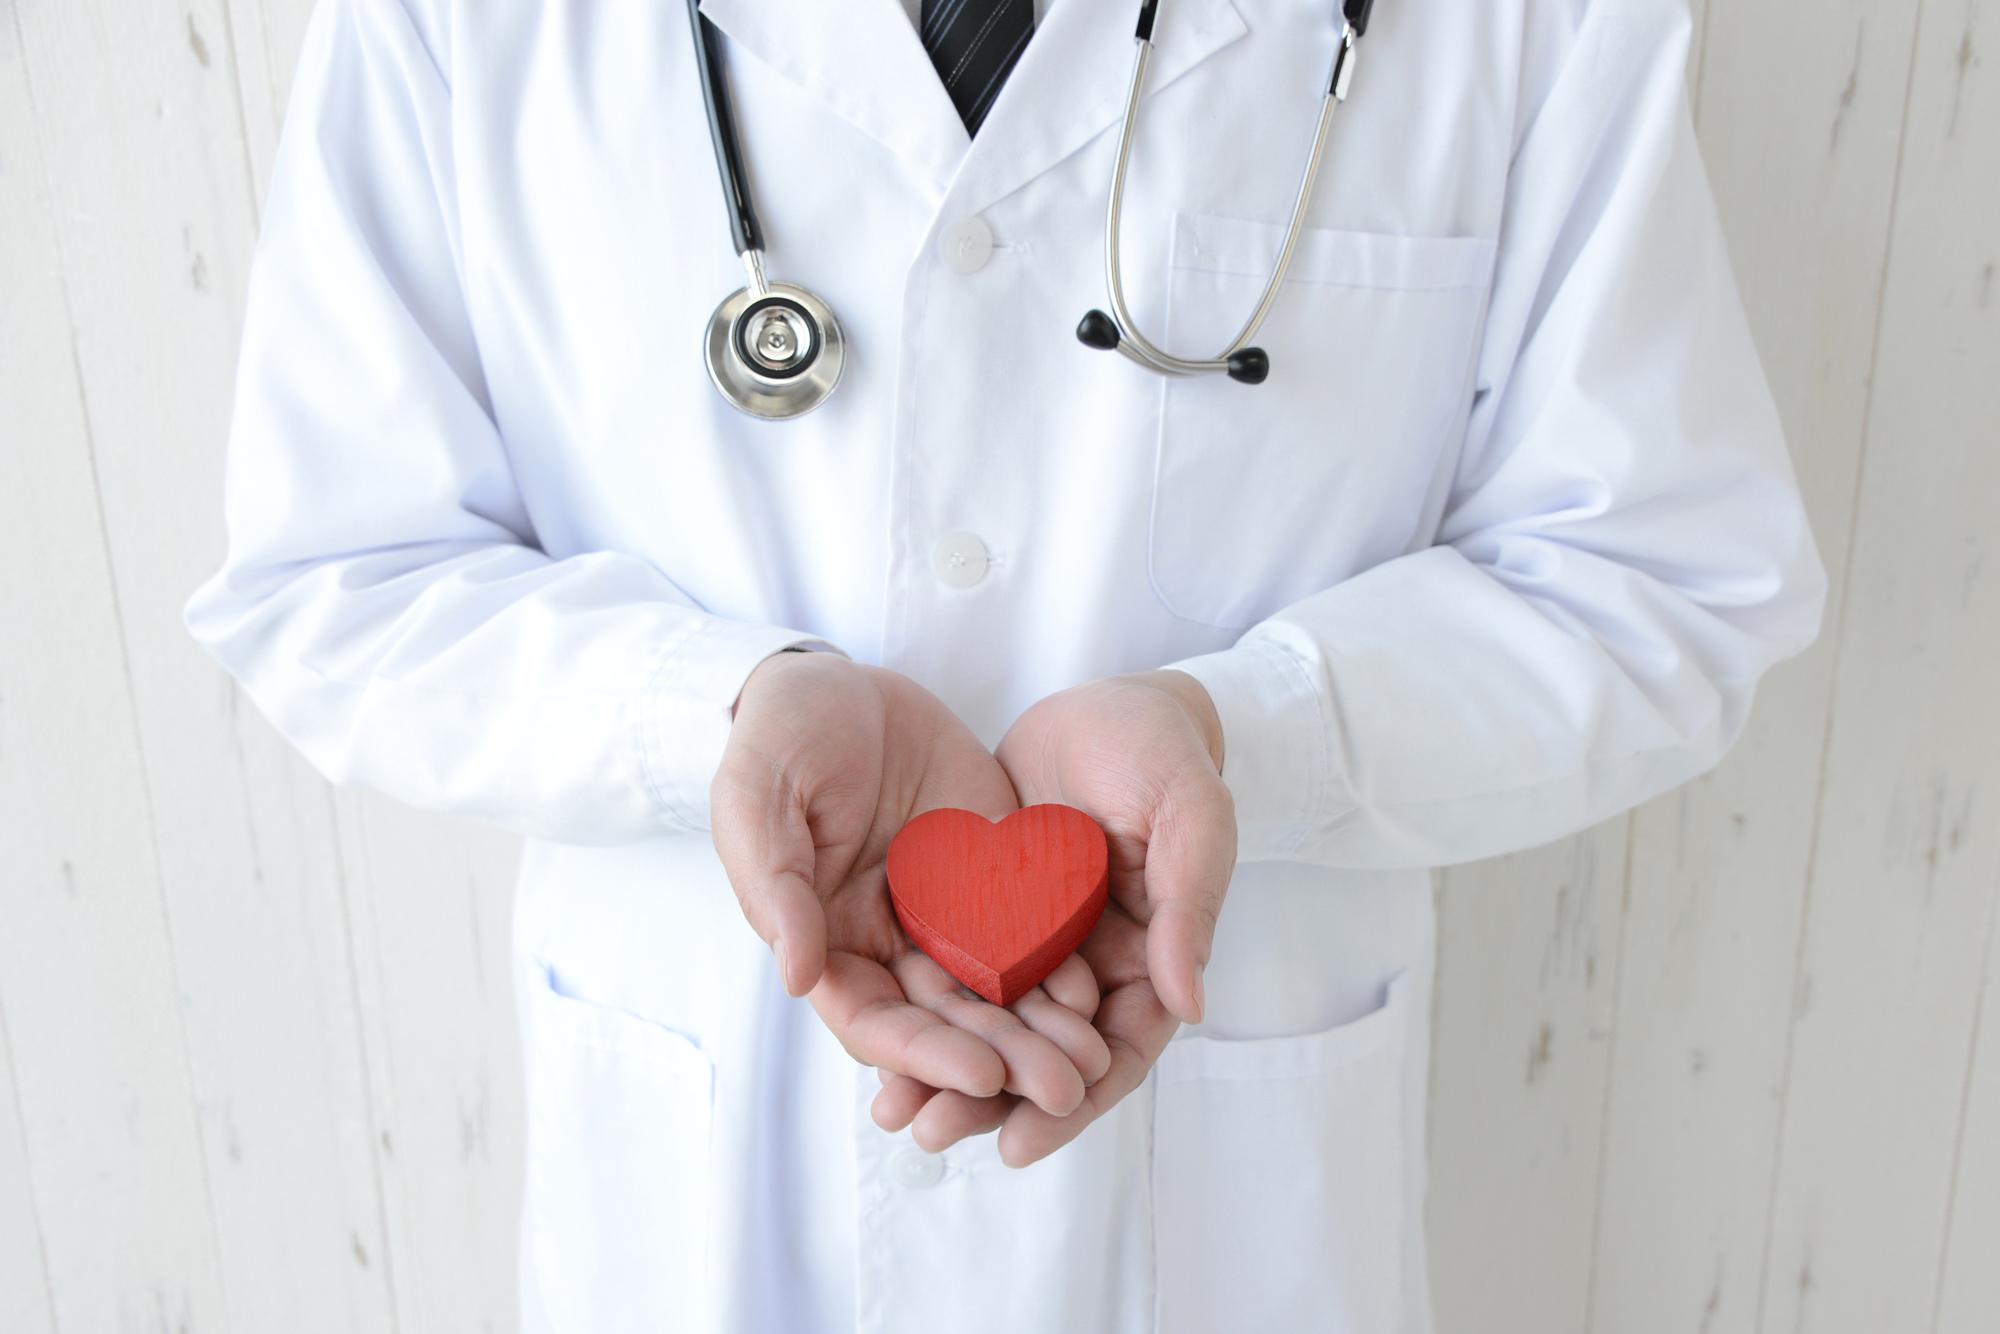 新型コロナウイルス感染拡大の影響が...。知っておきたい「献血の不足」と「新たな対策」